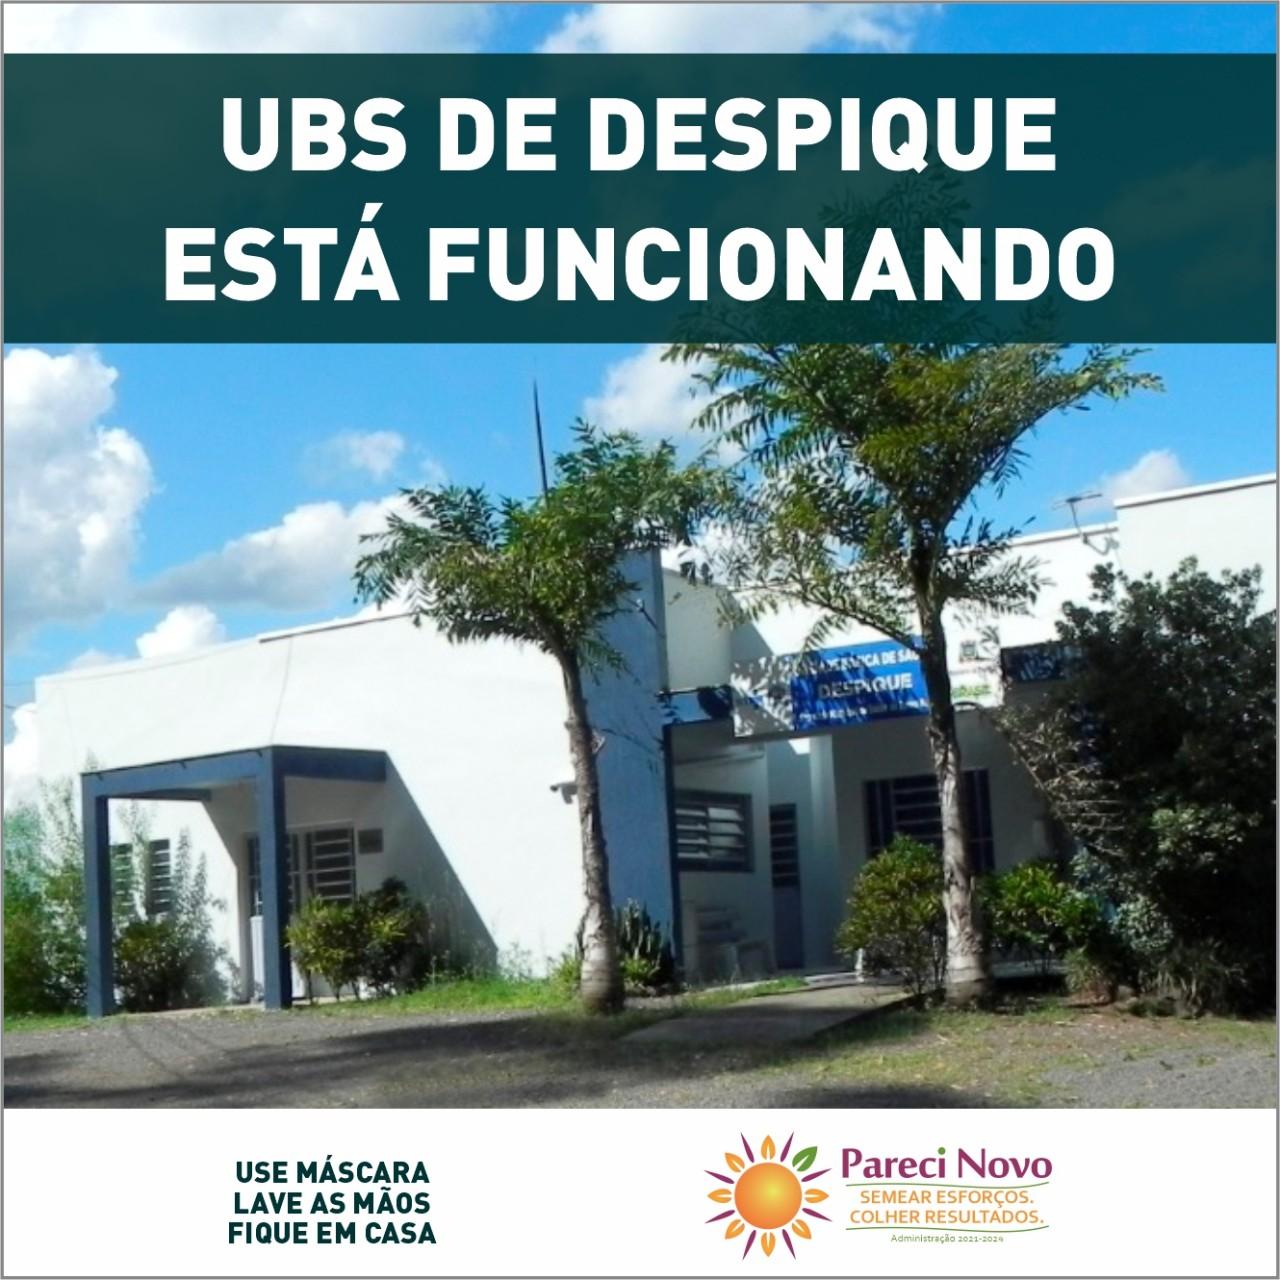 UBS de Despique.